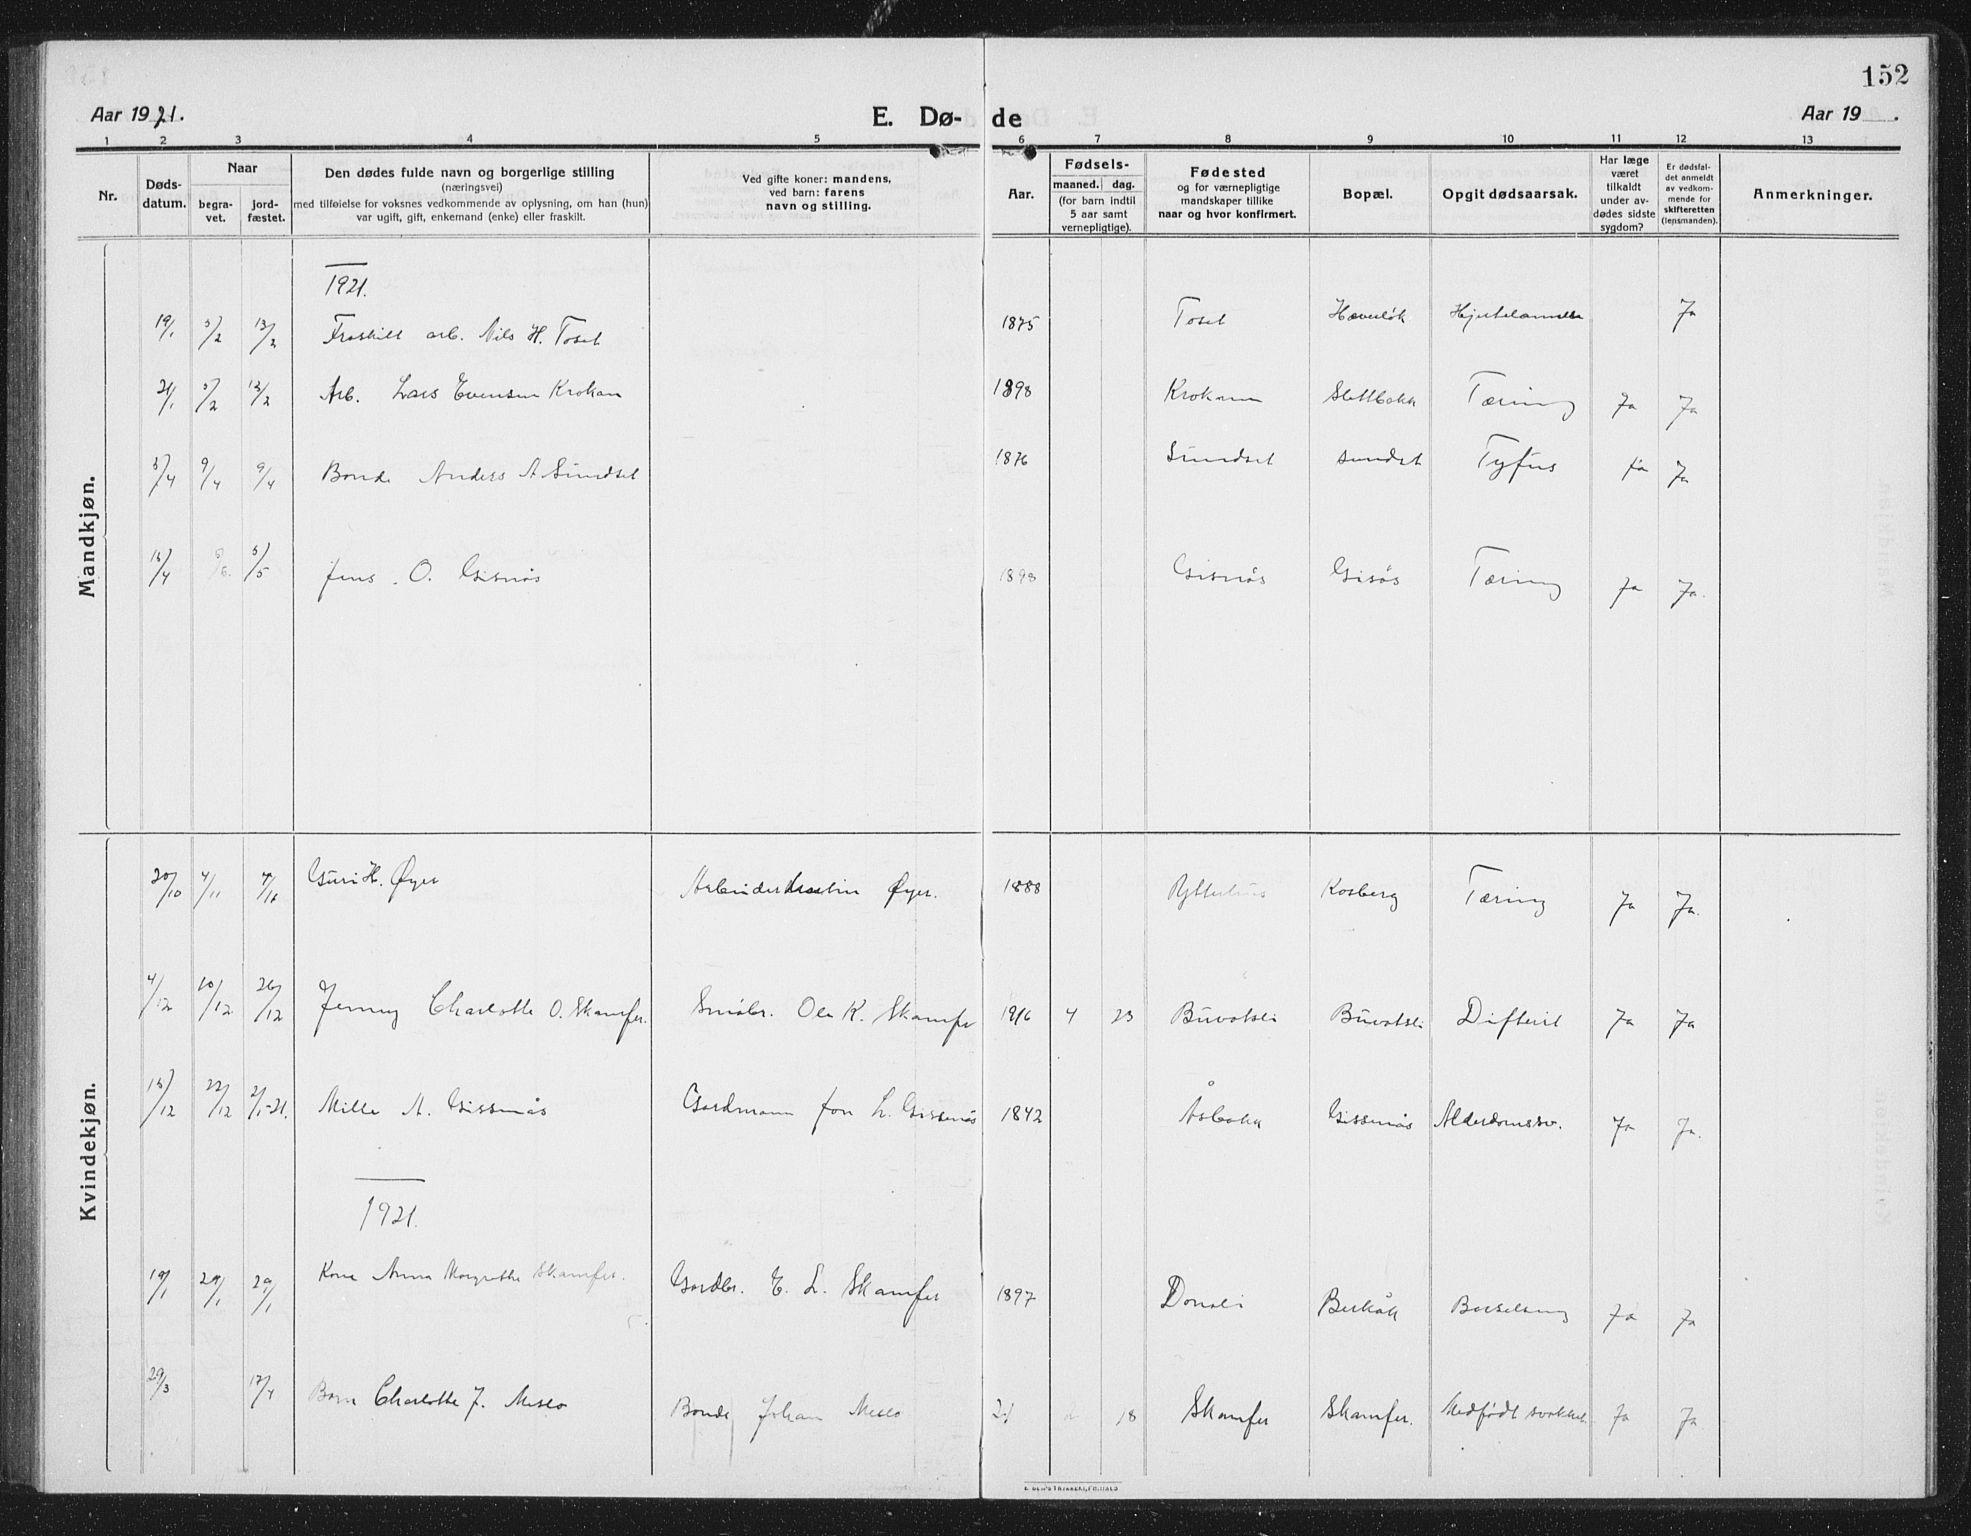 SAT, Ministerialprotokoller, klokkerbøker og fødselsregistre - Sør-Trøndelag, 675/L0888: Klokkerbok nr. 675C01, 1913-1935, s. 152